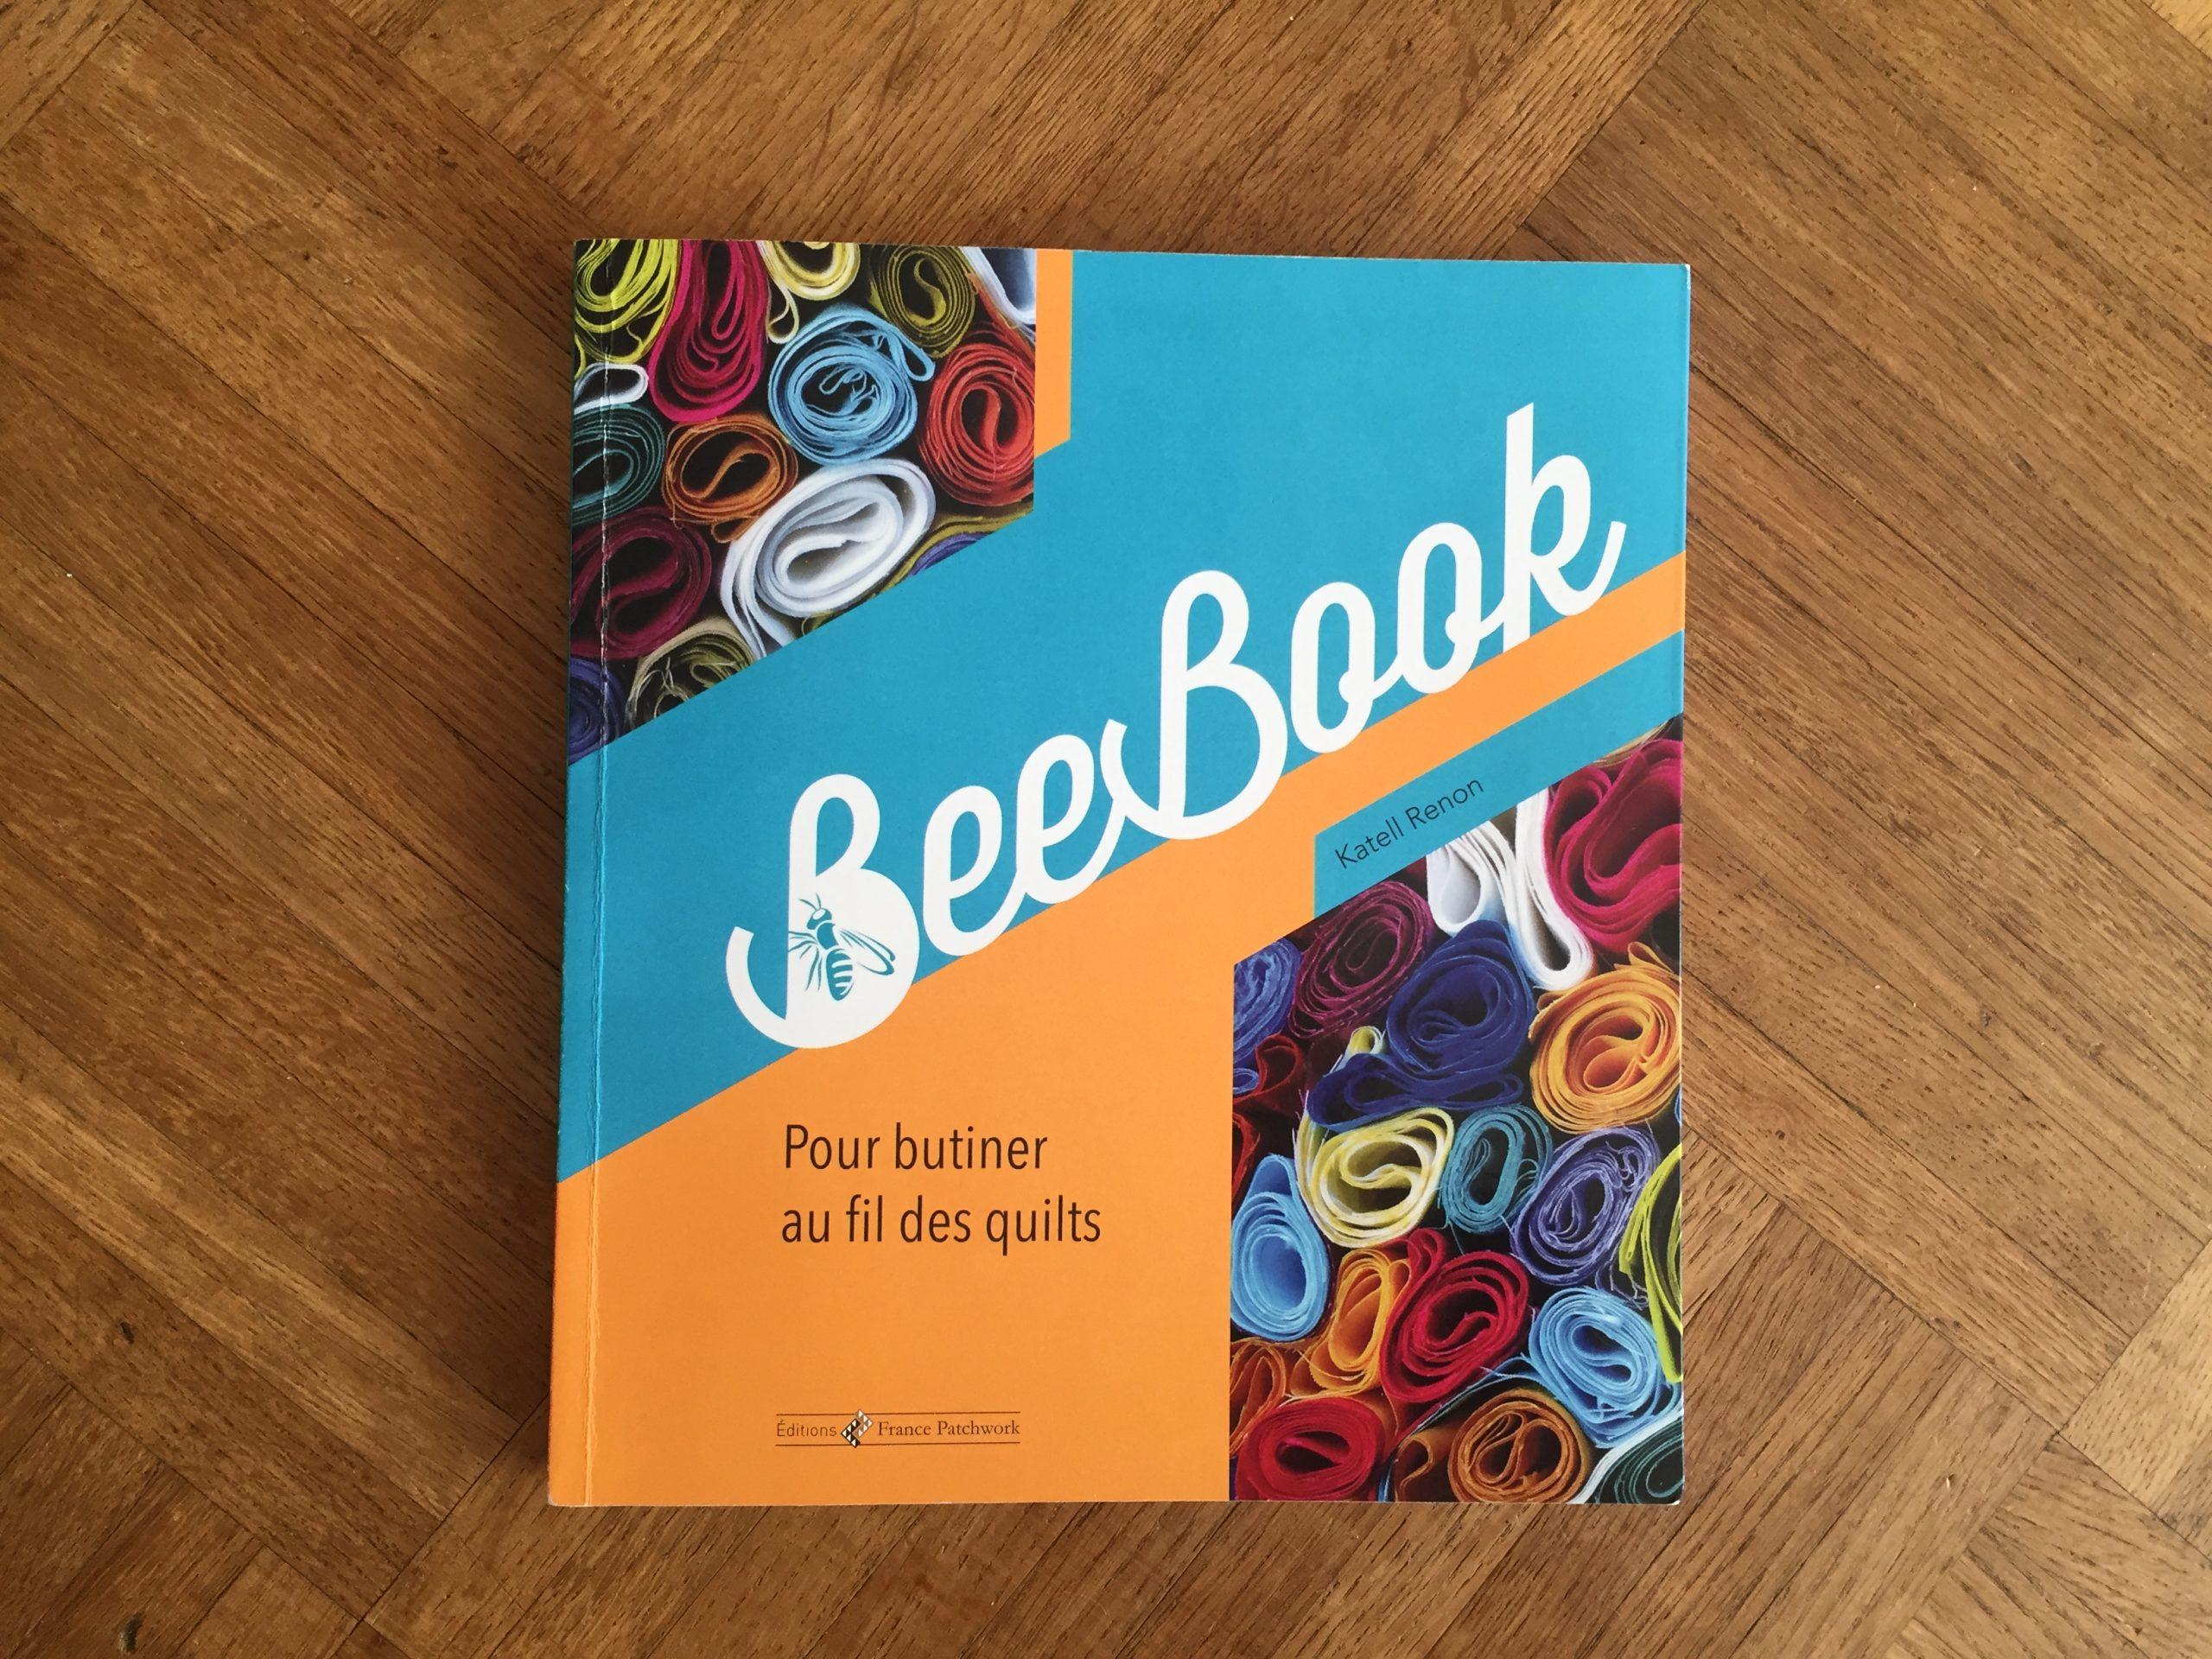 BeeBook, un livre à avoir dans sa bibliothèque